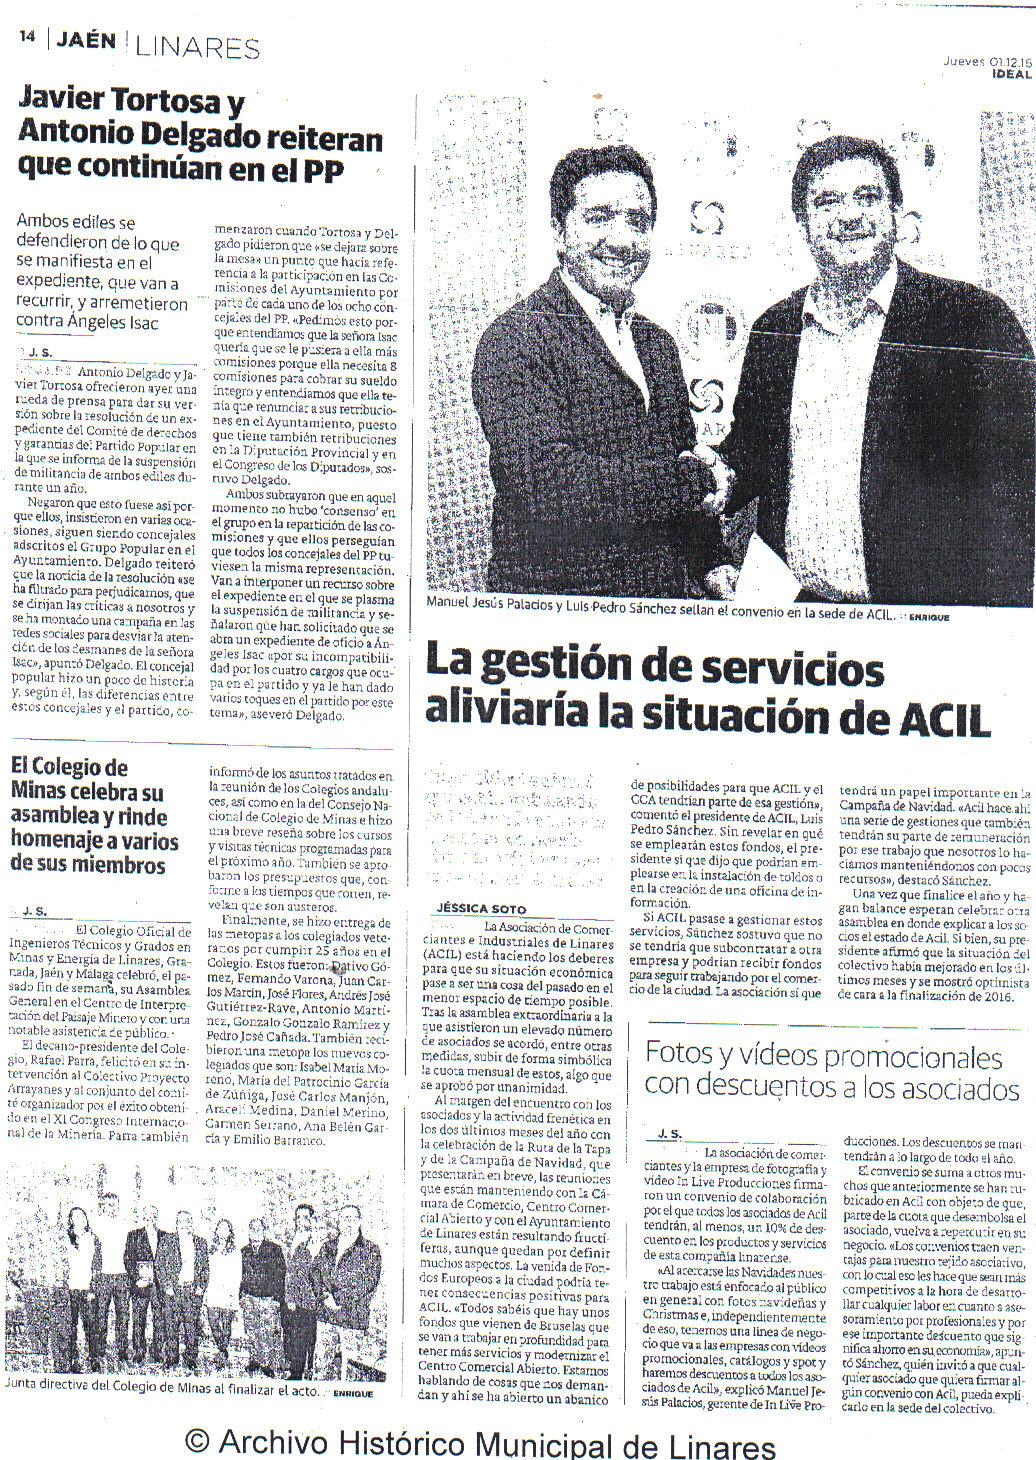 prensa-1-diciembre-diario-jaen